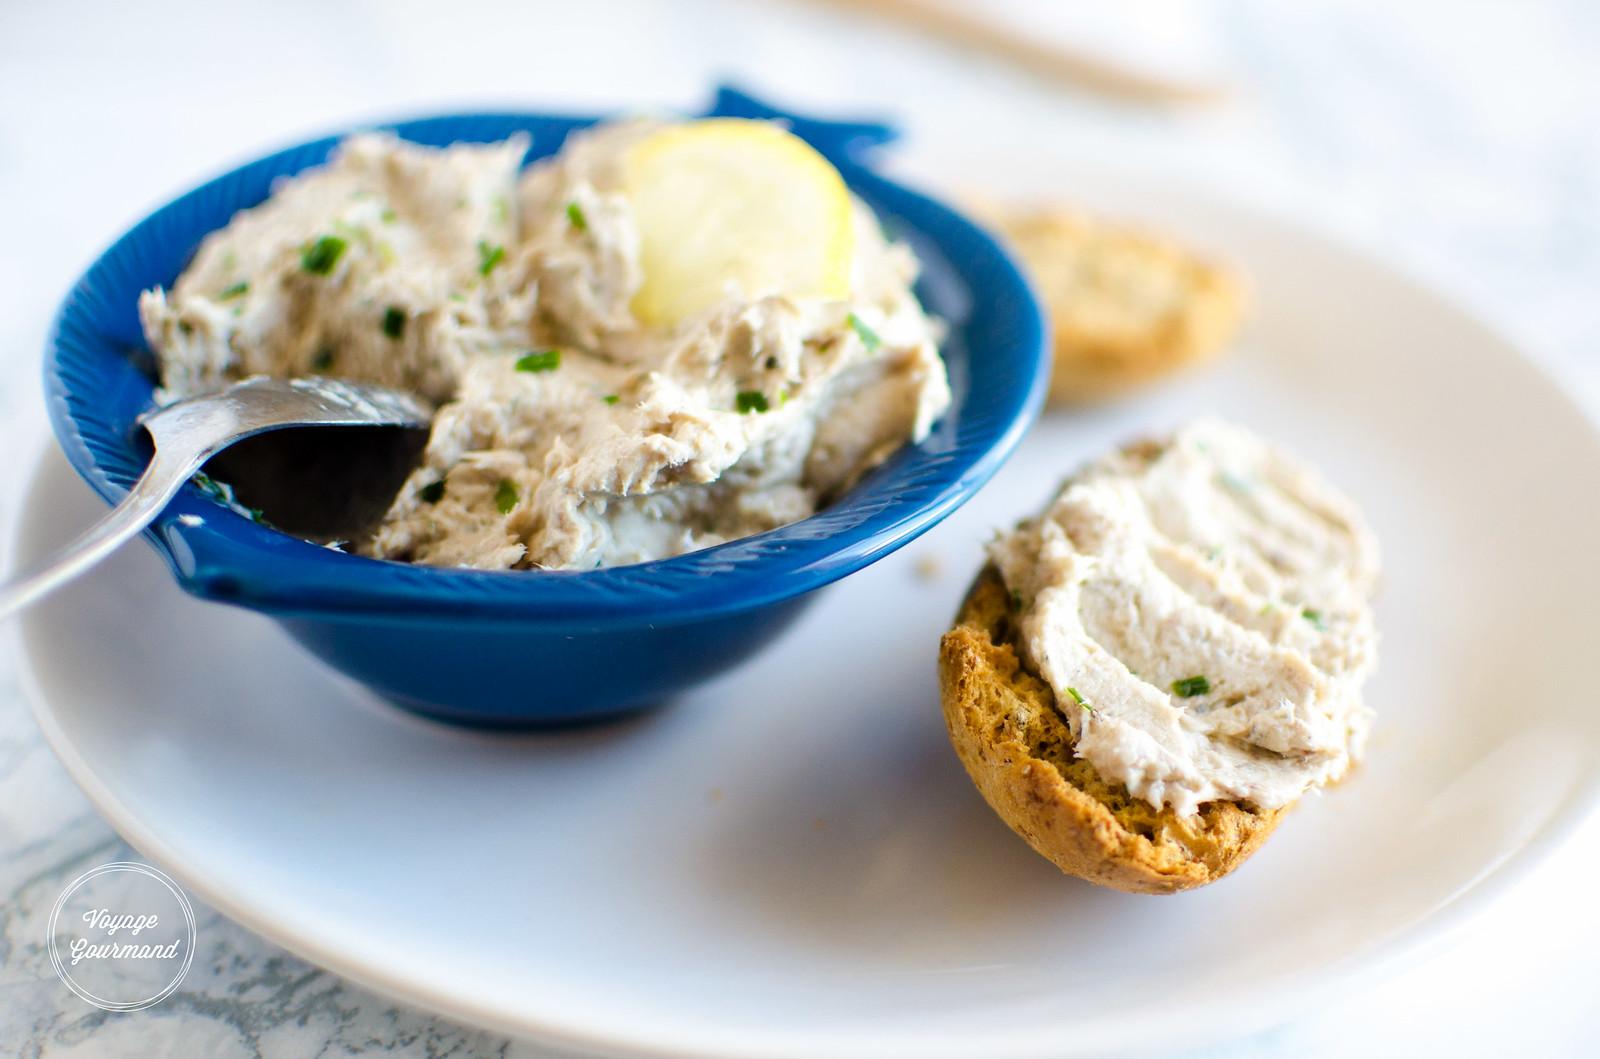 Rillettes de sardines au citron, ail et fines herbes | Voyage Gourmand